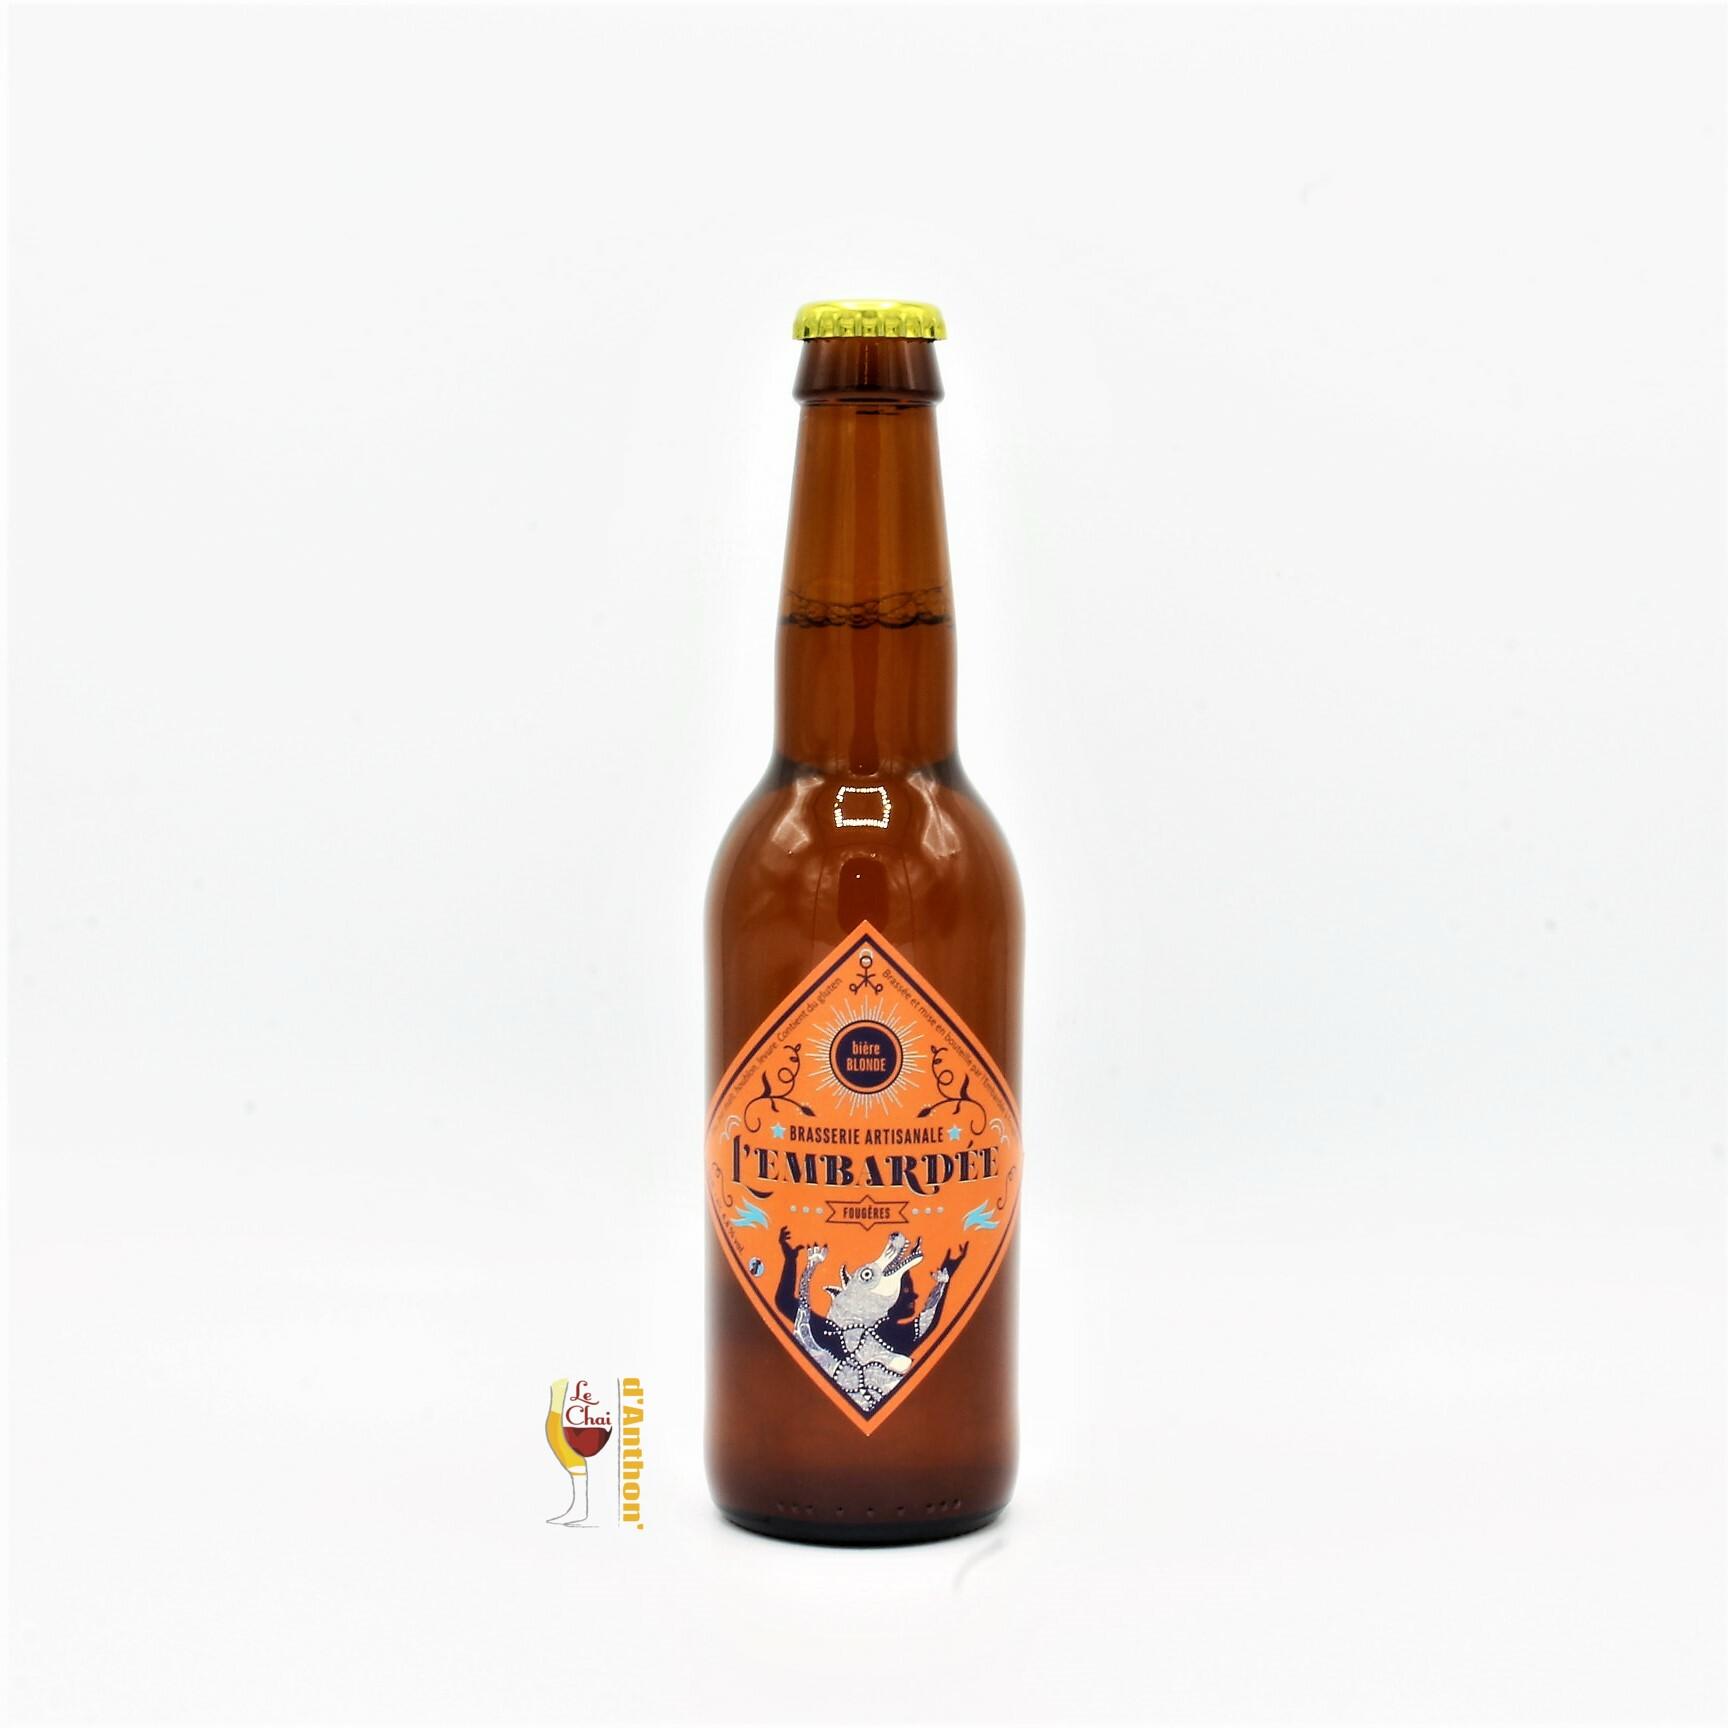 Biere Bouteille Blonde Brasserie Embardee Bretonne 33cl